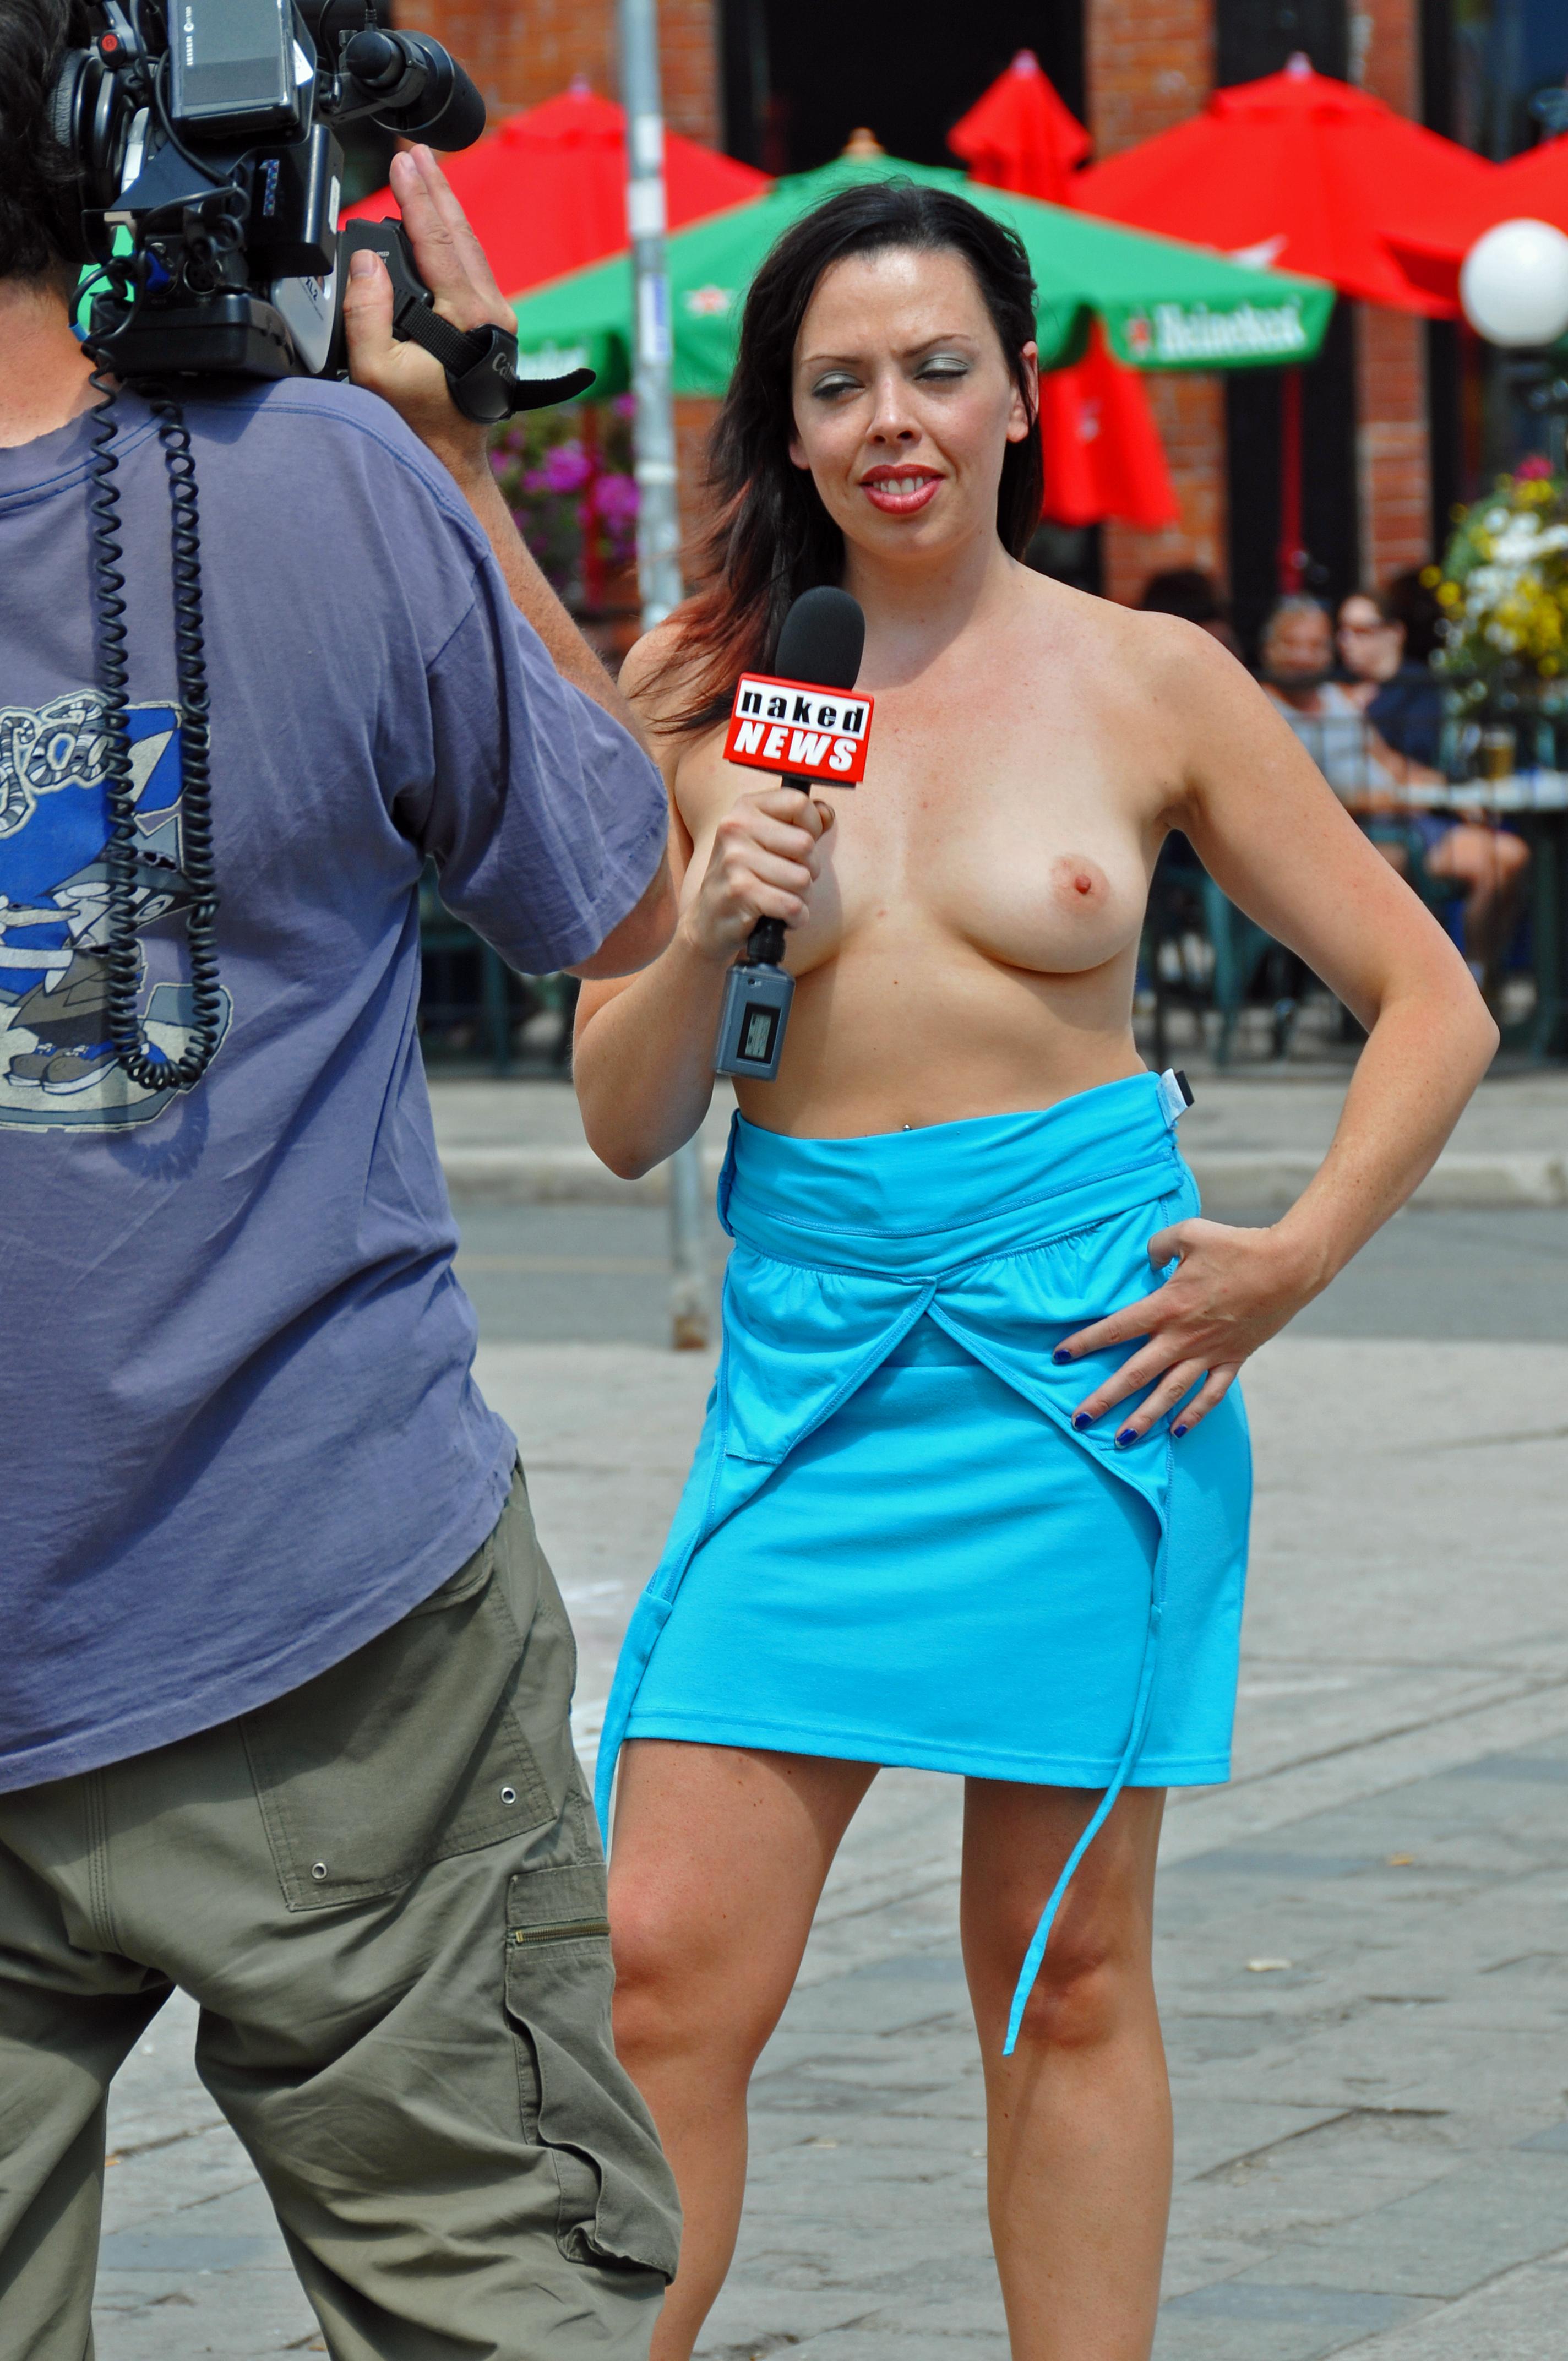 News nude Naked News